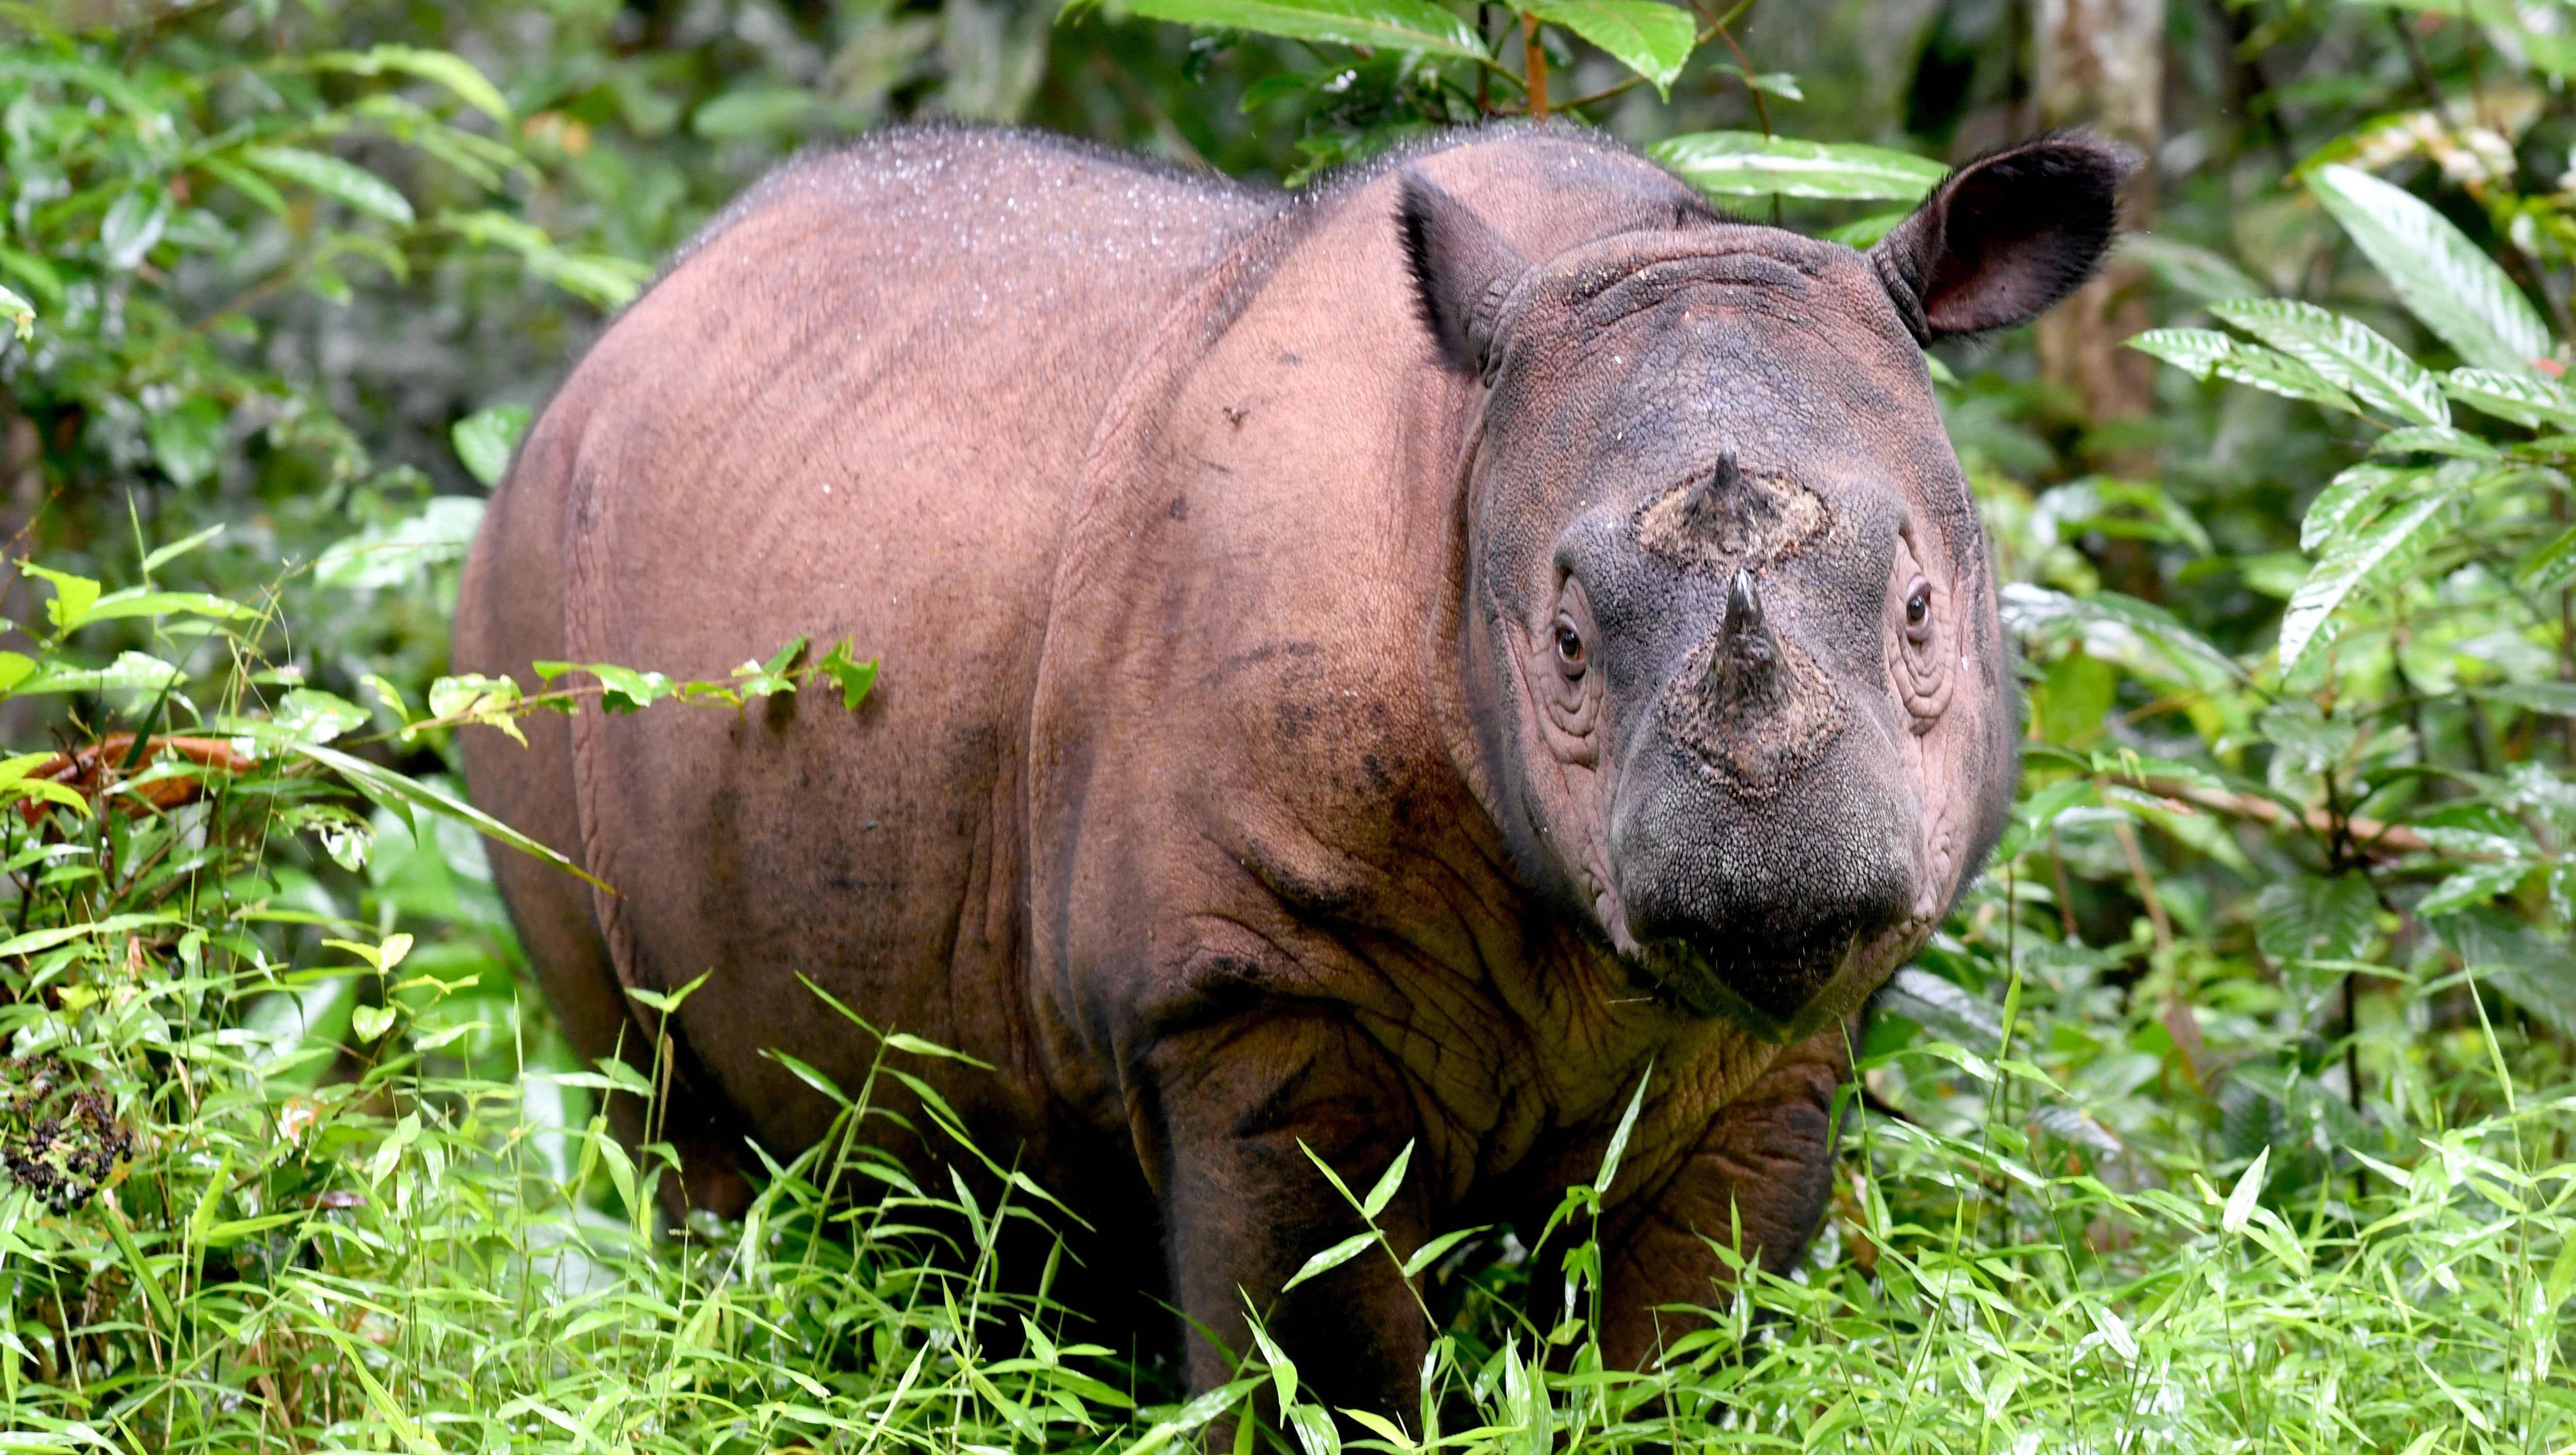 Malaysia S Last Sumatran Rhino Has Died Species Nearly Extinct